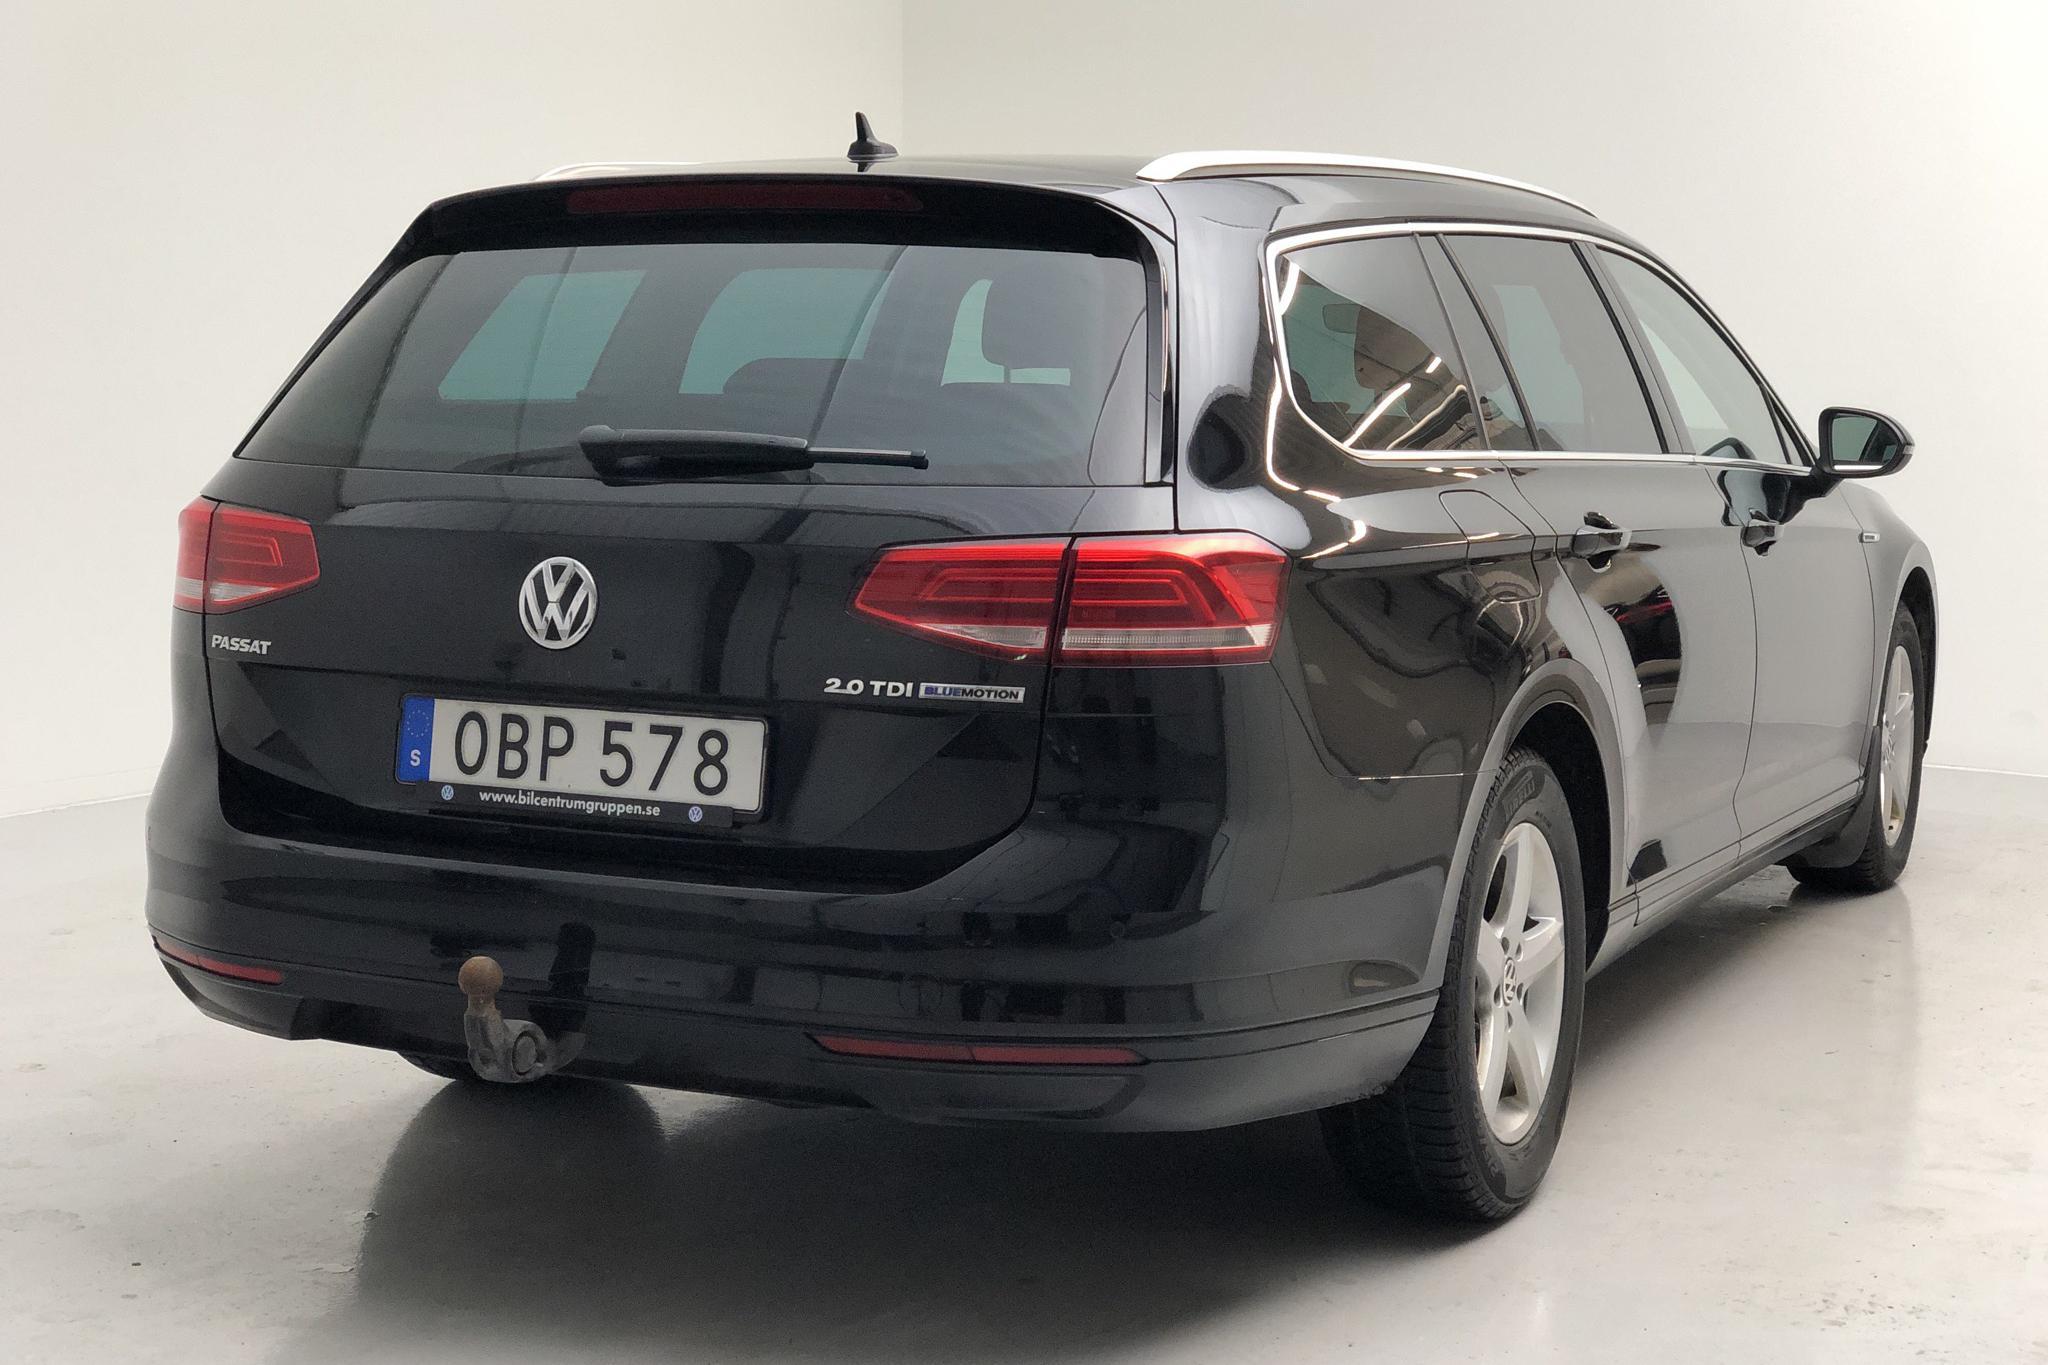 VW Passat 2.0 TDI Sportscombi (150hk) - 157 820 km - Manual - black - 2017